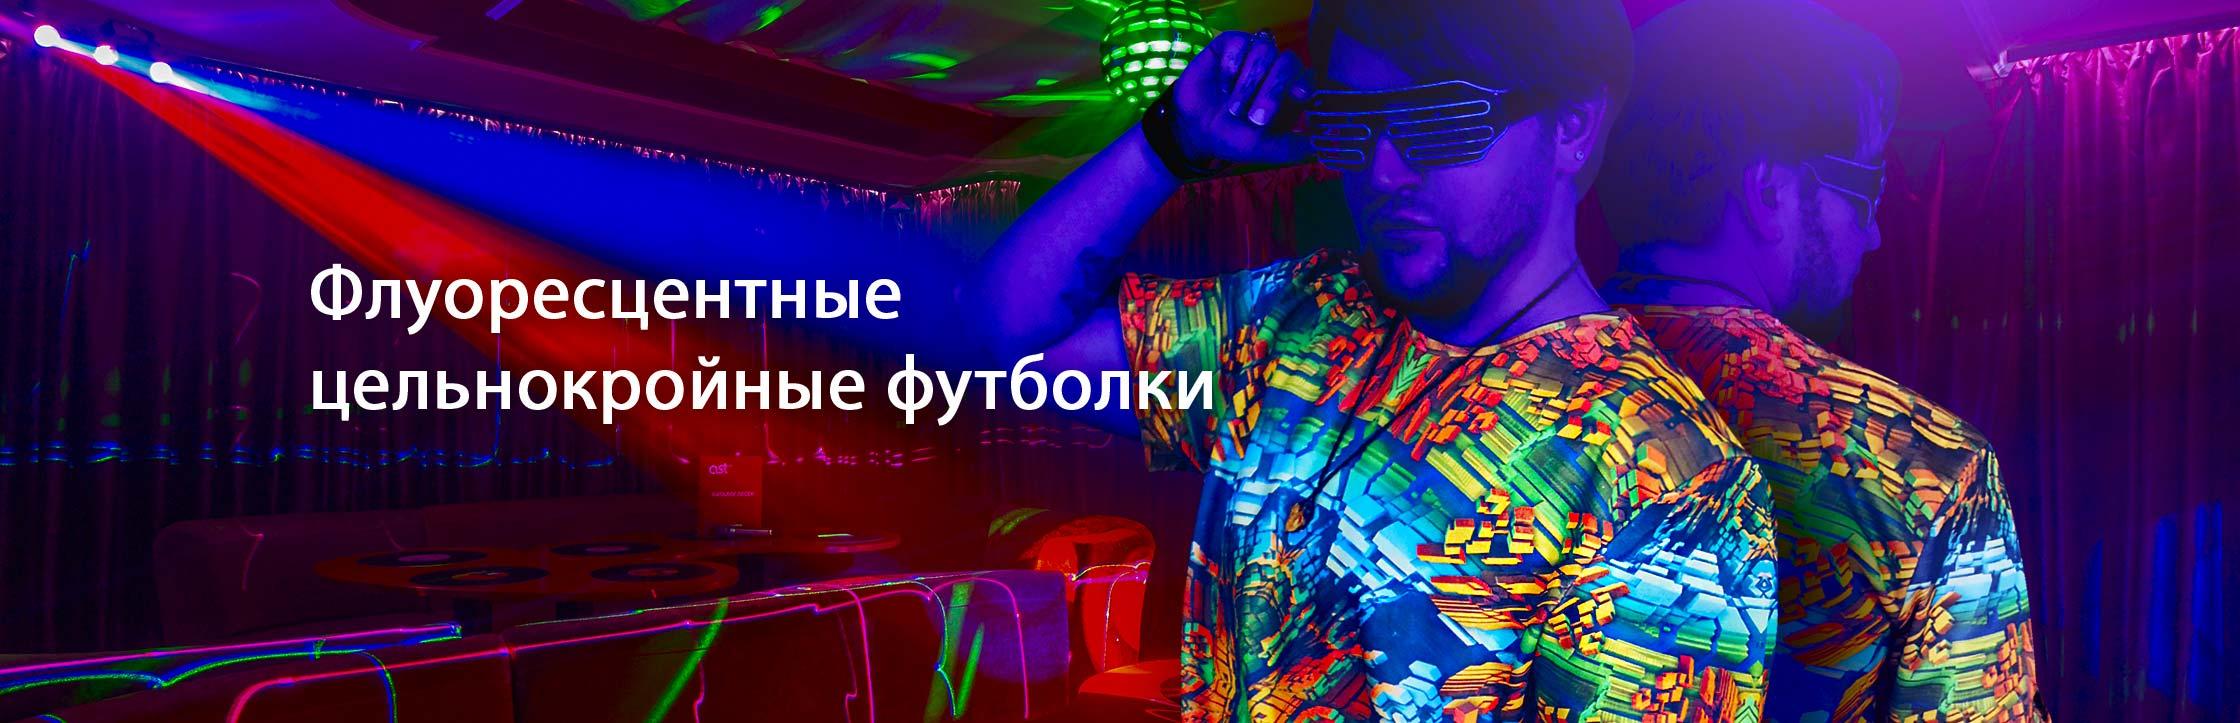 Неоновые флуоресцентные футболки